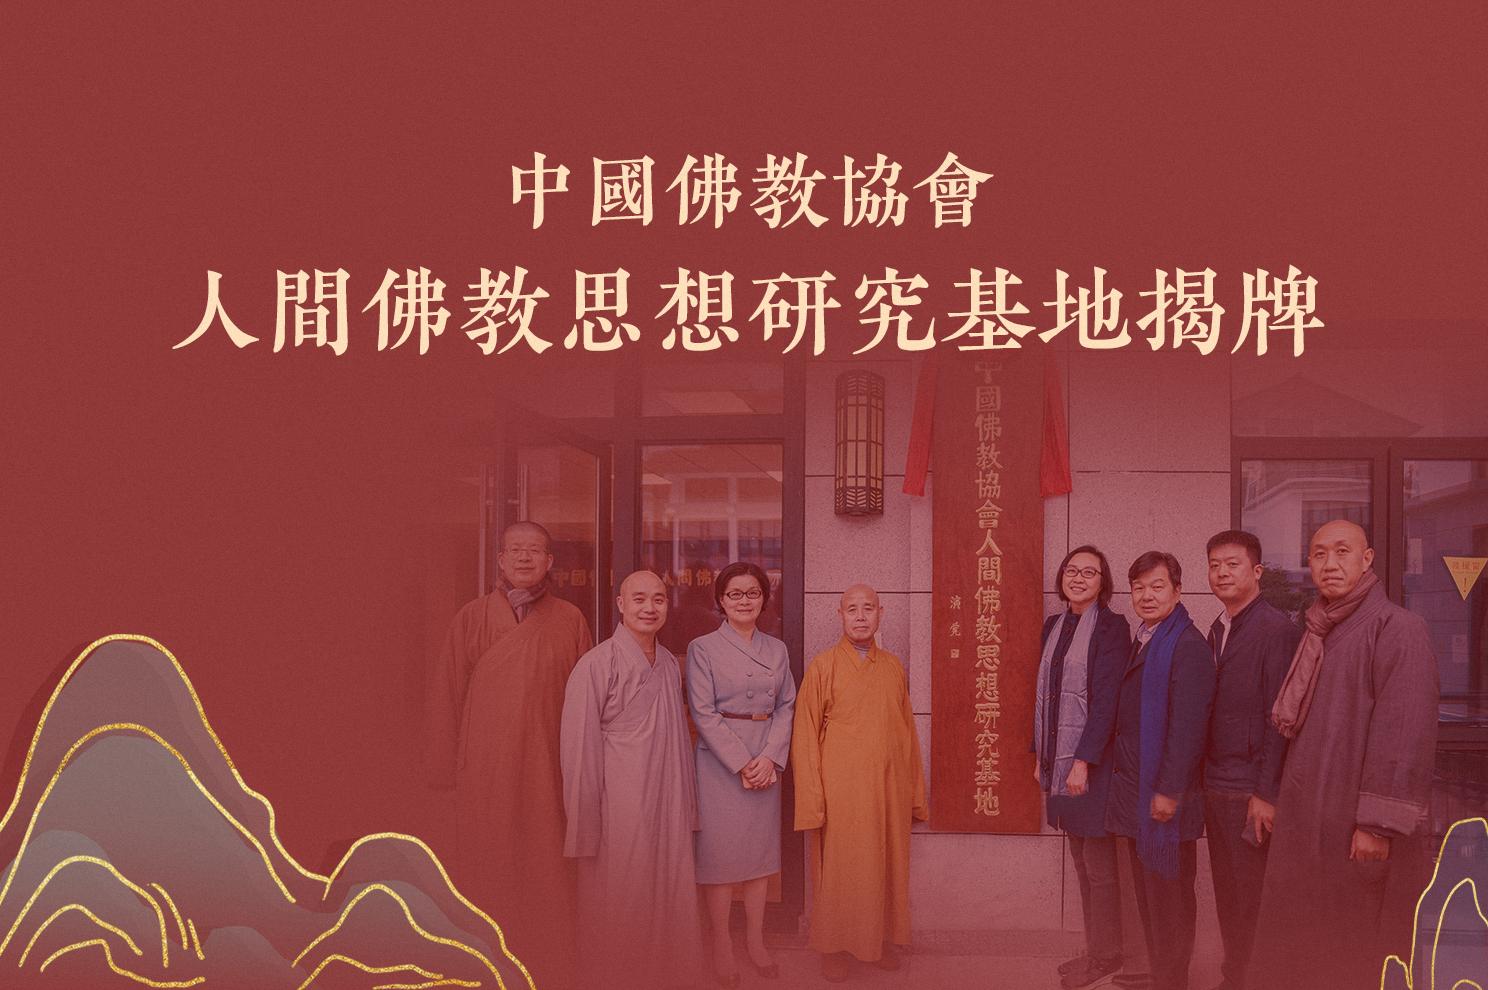 中国佛教协会人间佛教思想研究基地在浙江佛学院揭牌